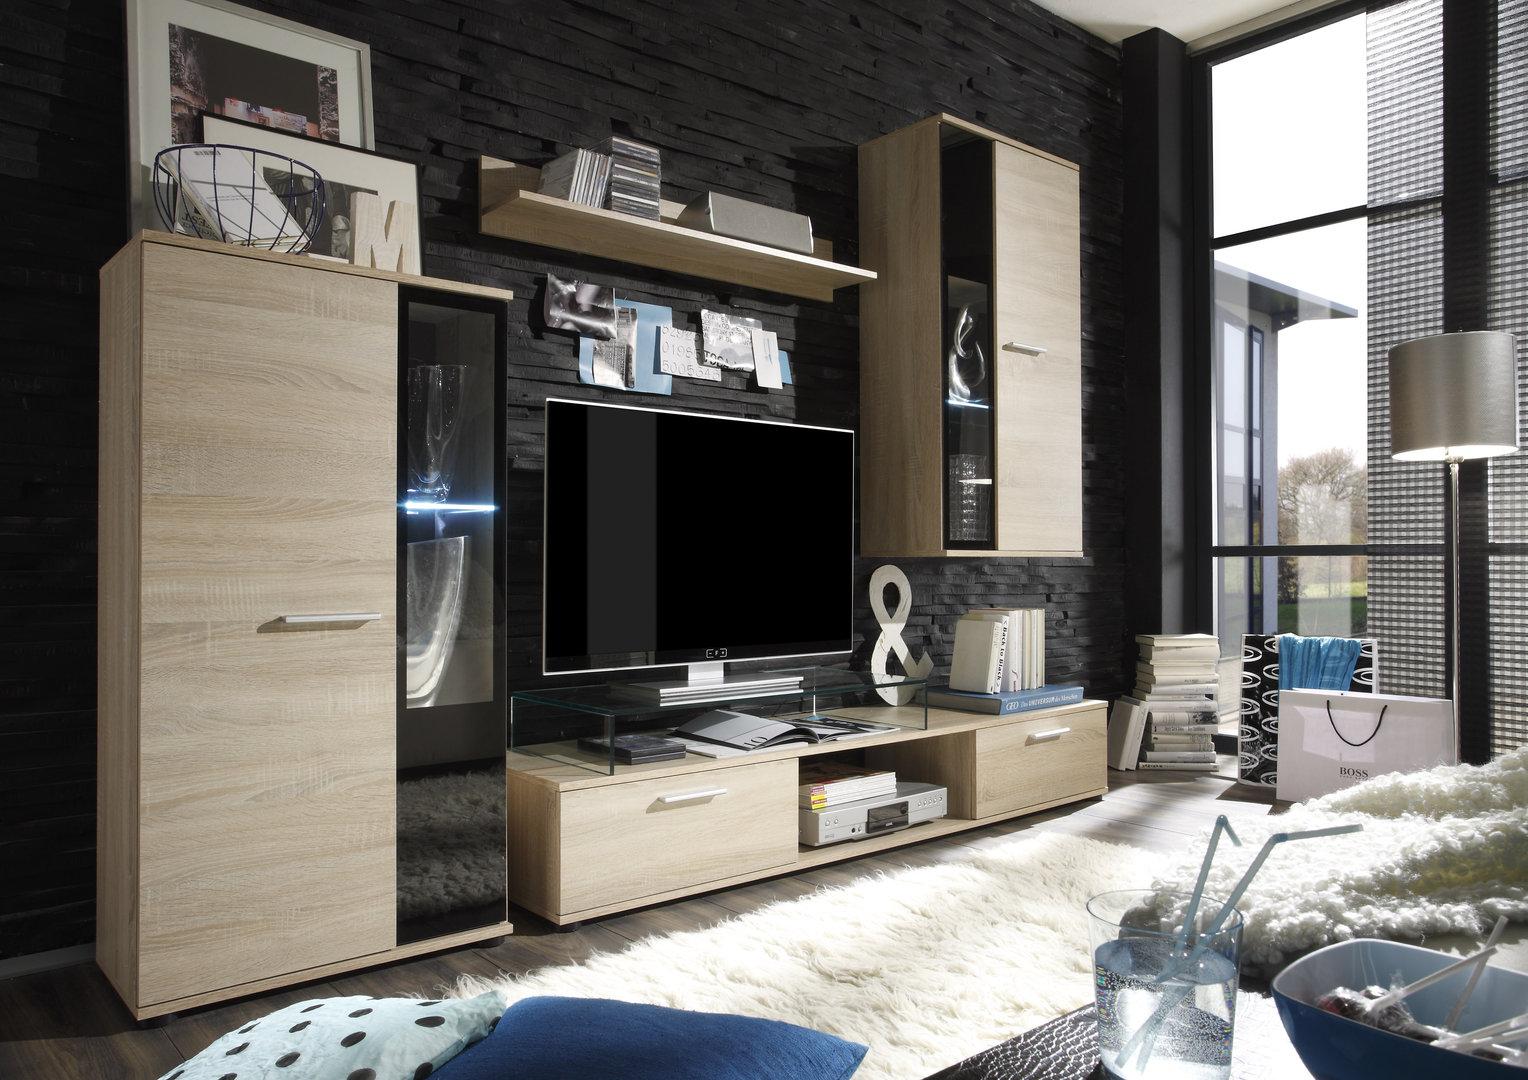 Soggiorno queen composizione moderna parete di design for Composizione soggiorno moderno